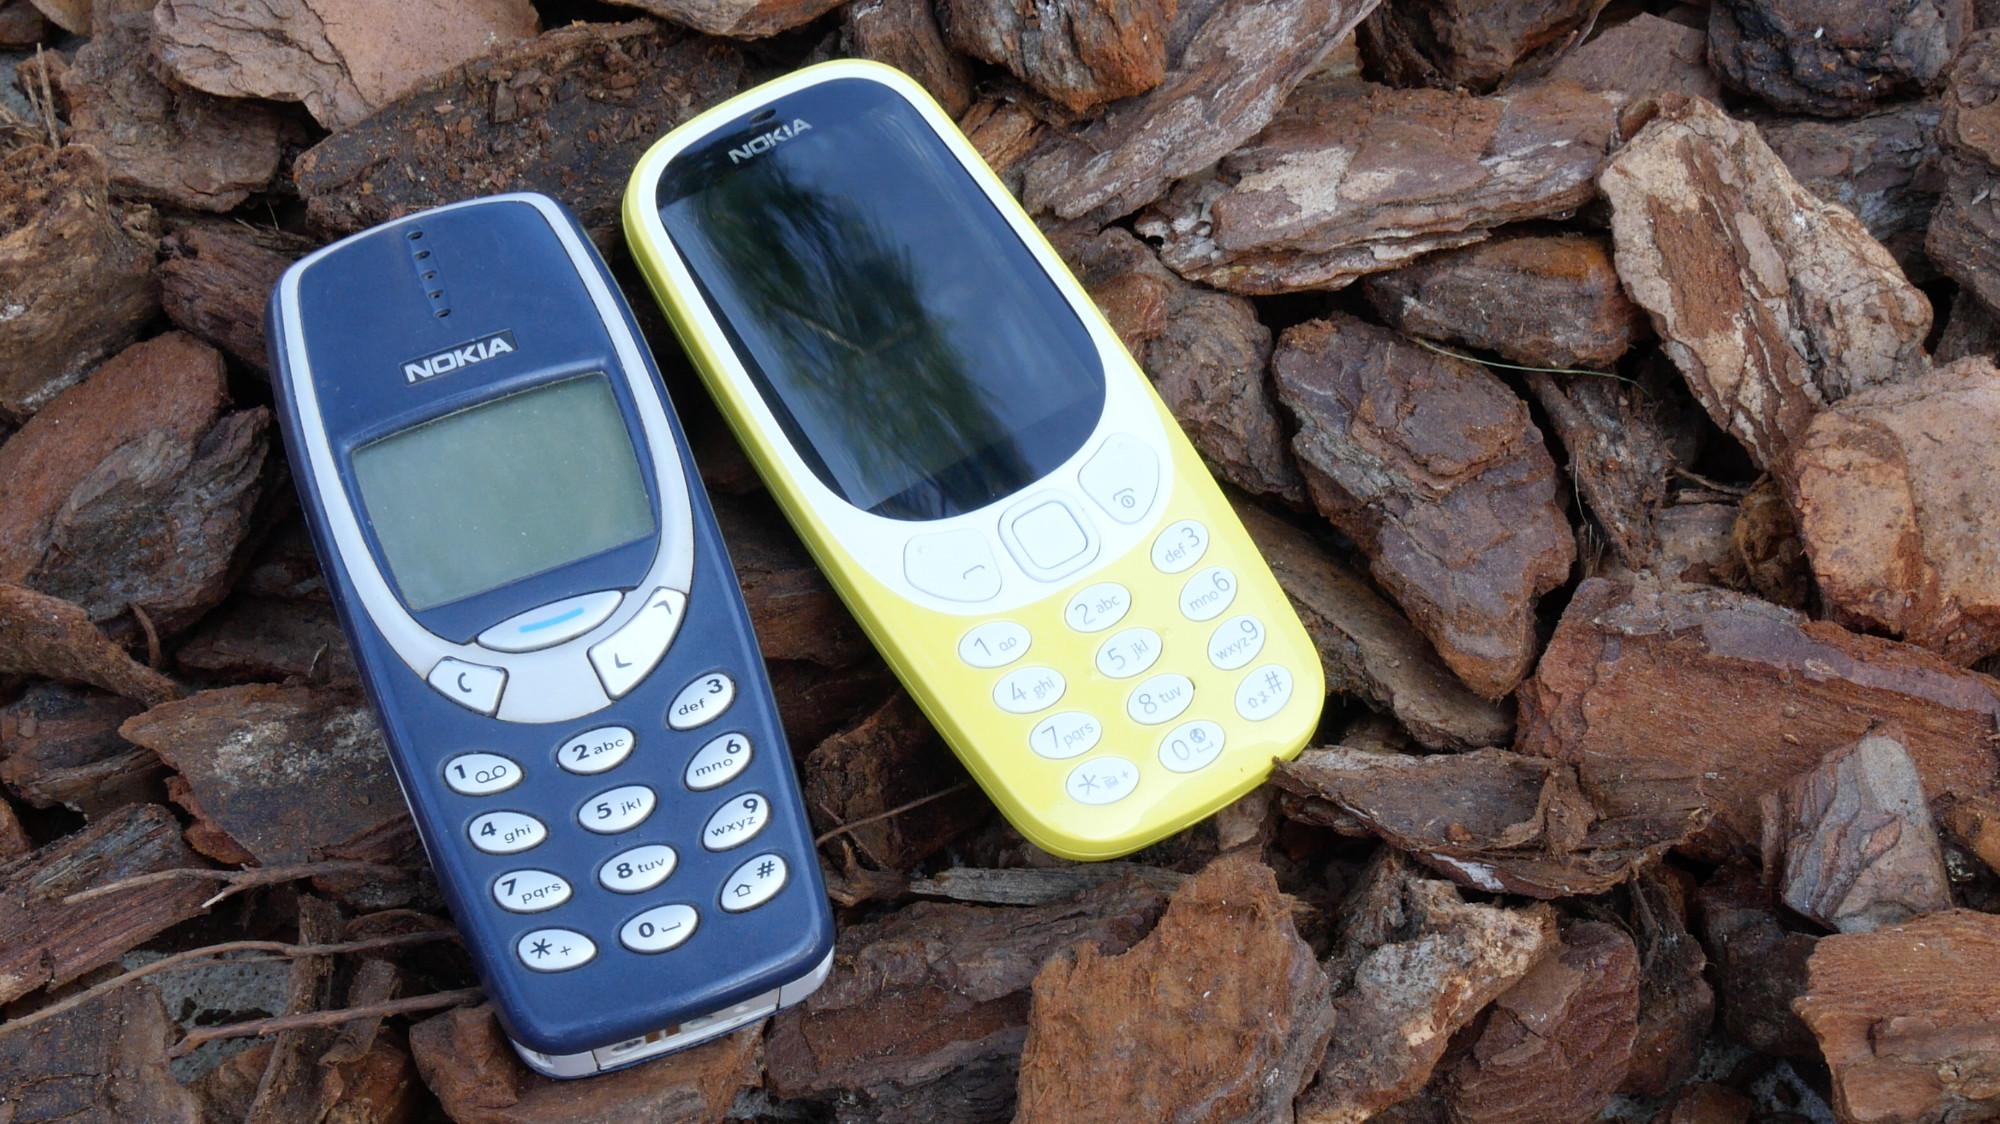 Ubrugte Nokia 3310 är tillbaka – vi jämför med den gamla legendaren RD-55